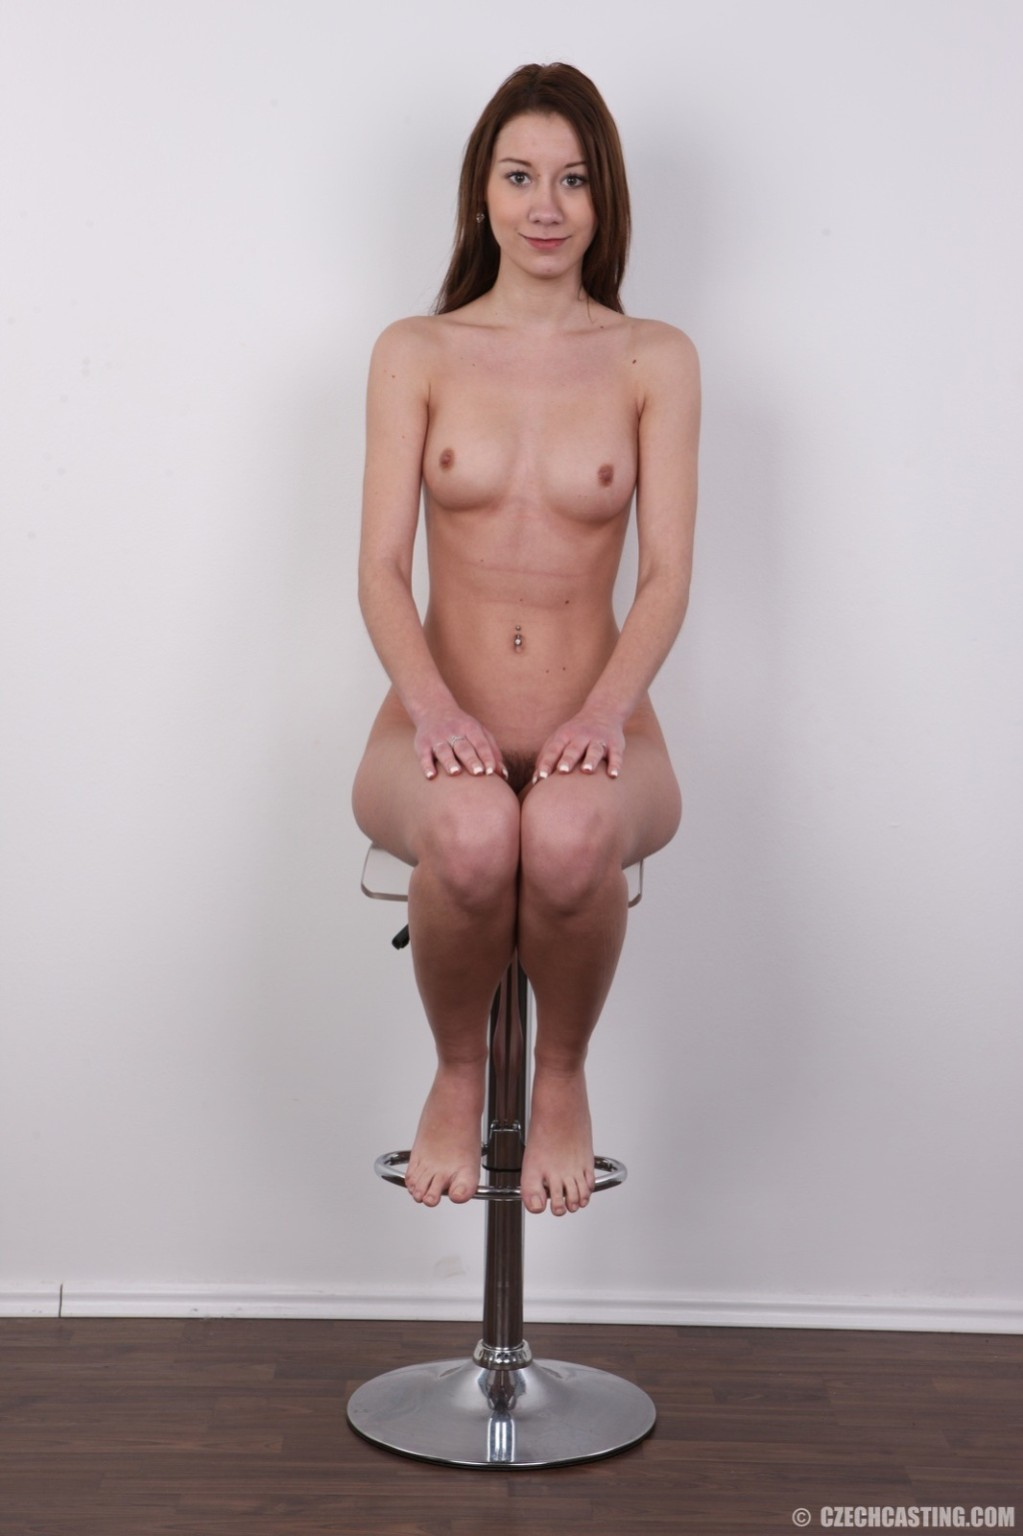 Кастинг - Порно галерея № 3522999